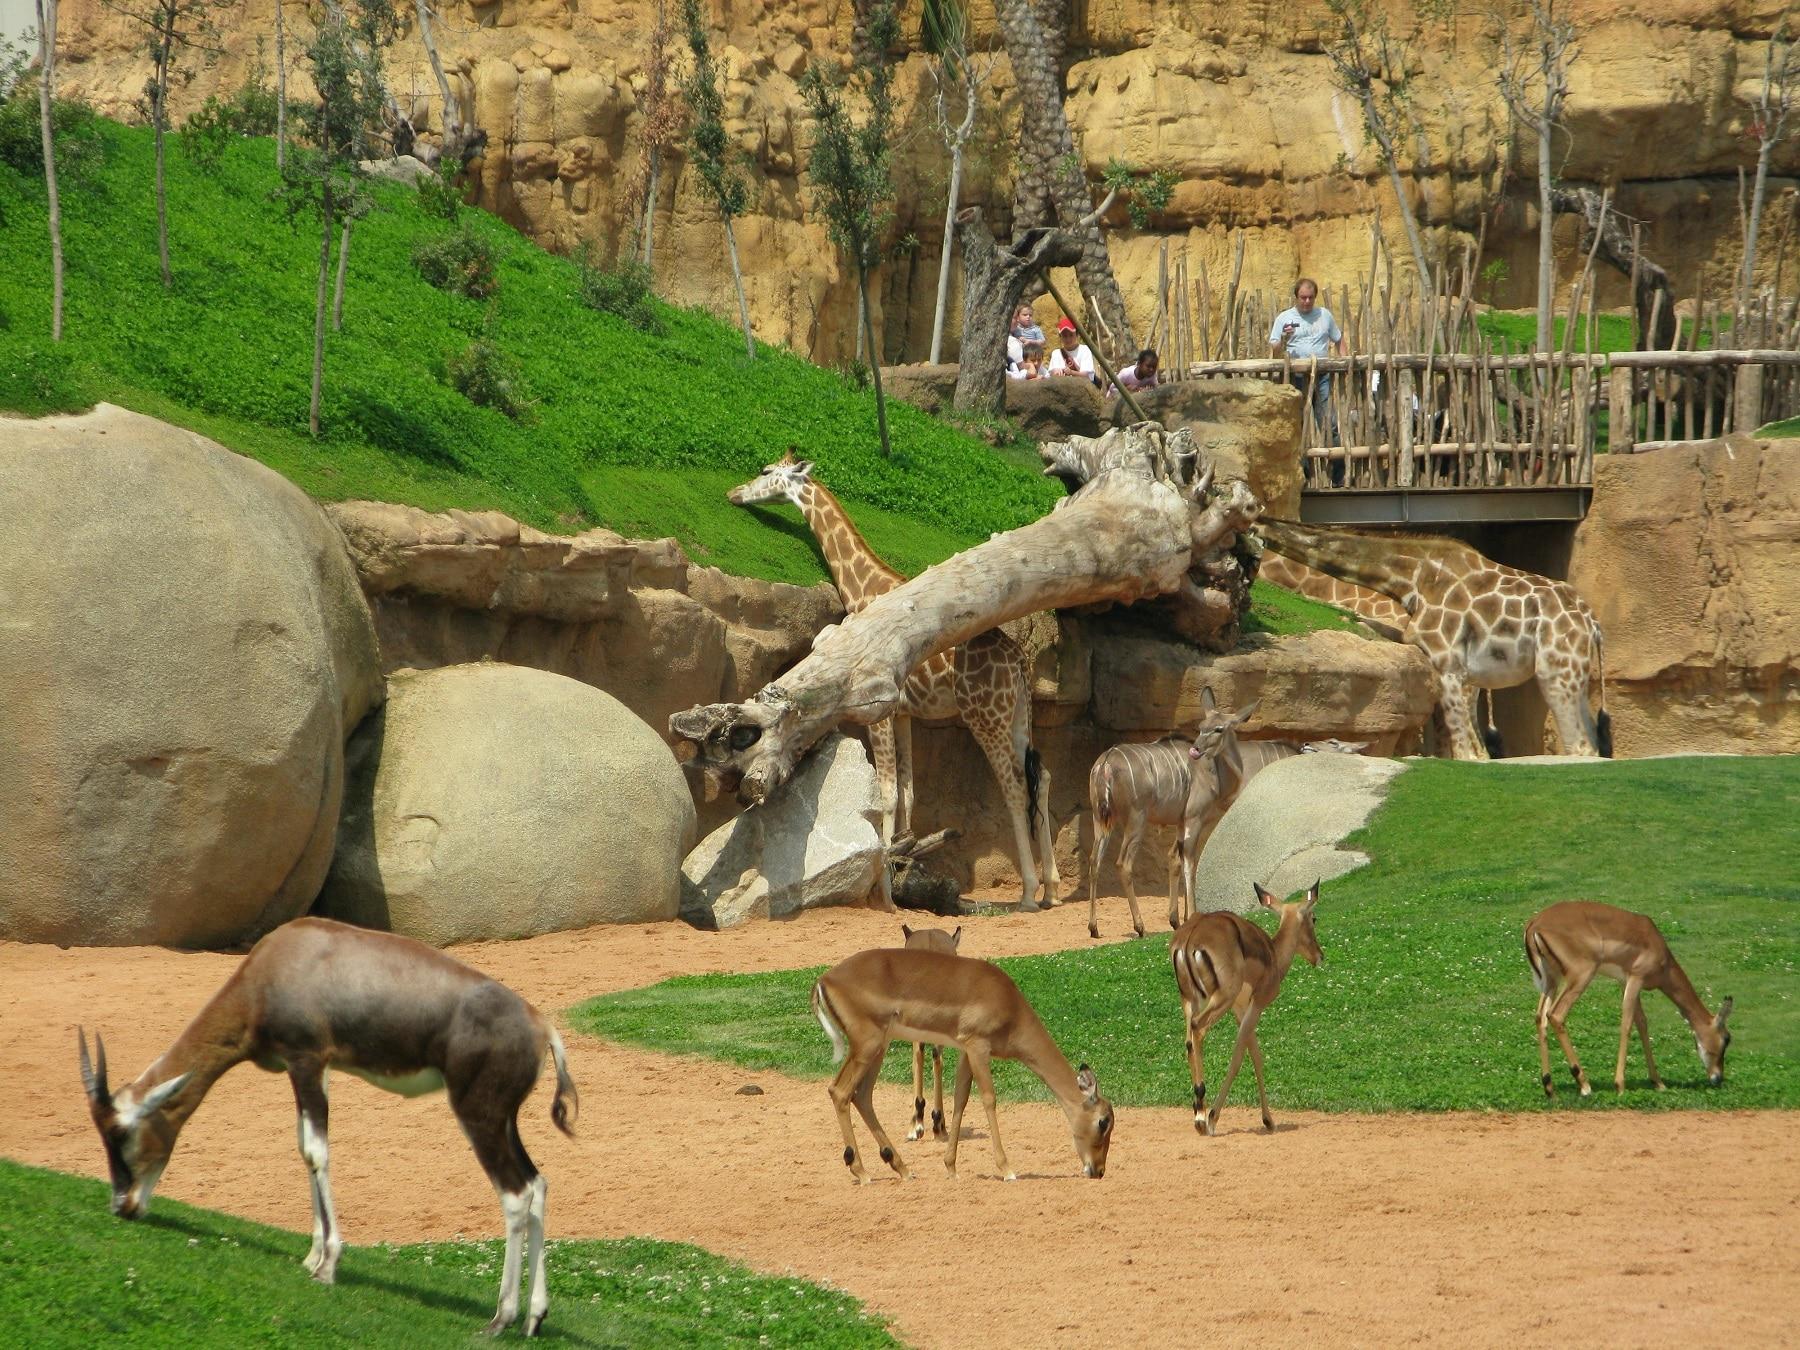 Decorul exotic în care trăiesc animalele din Valencia Bioparc